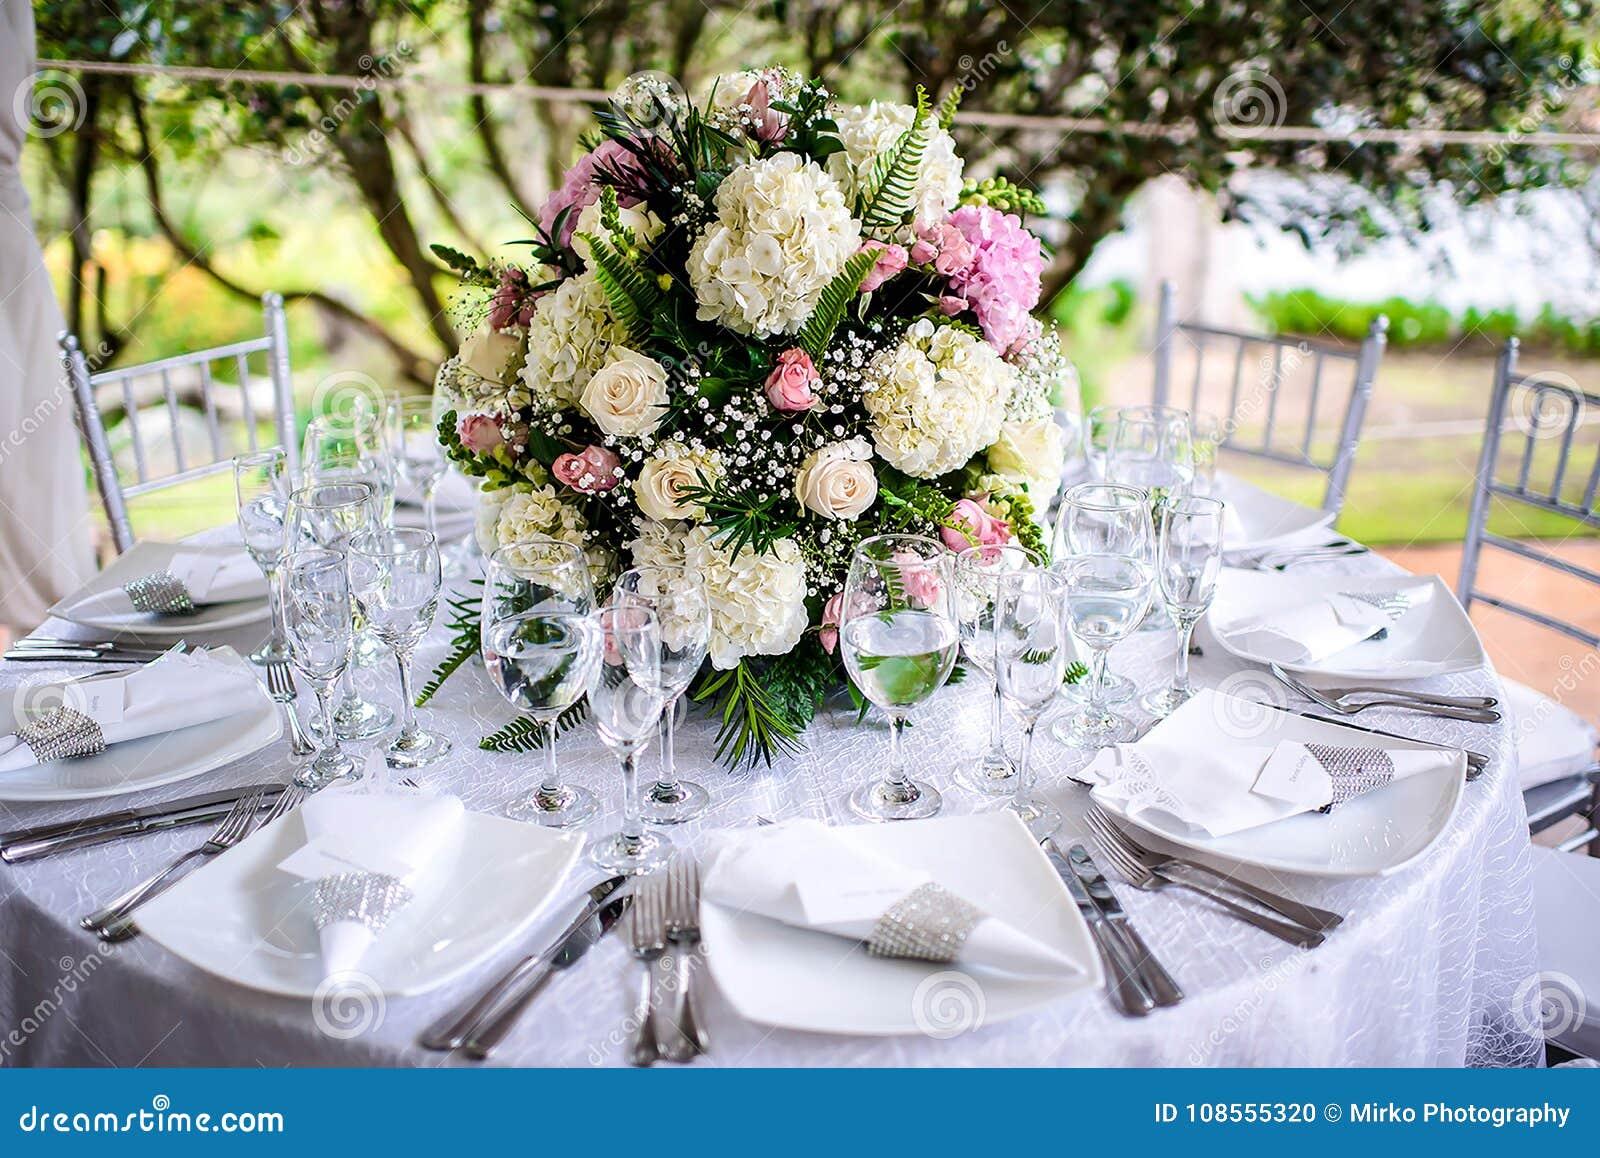 Schone Hochzeits Blumen Anordnungs Gedeck Reihe Stockfoto Bild Von